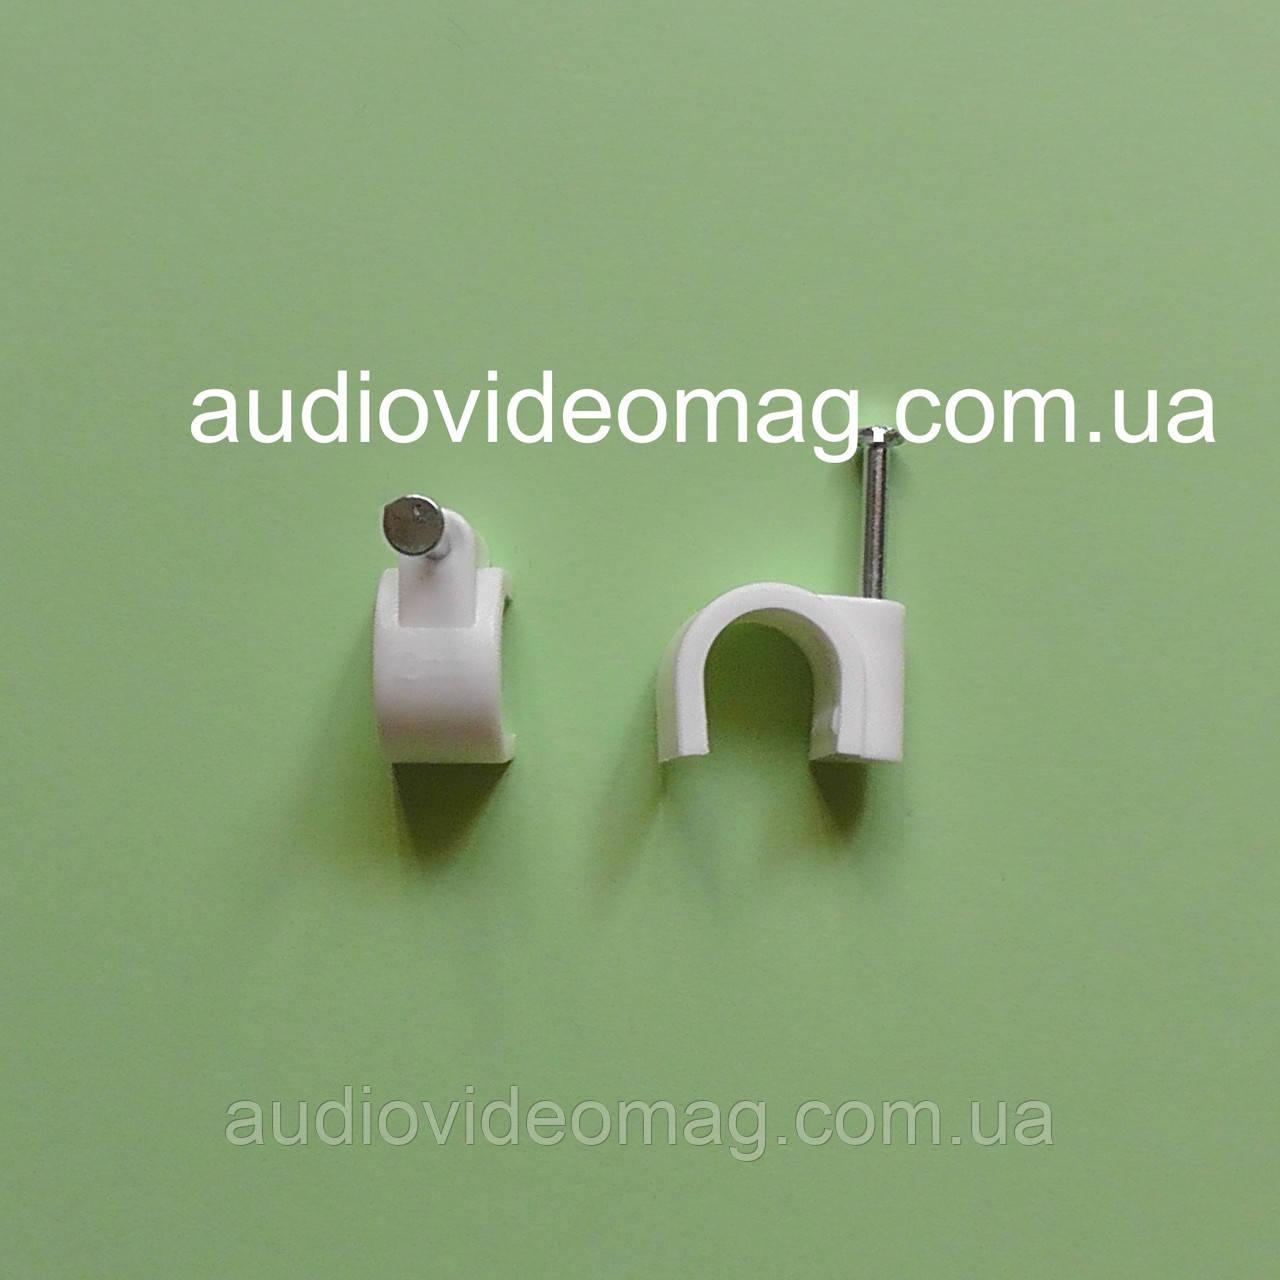 Скоба нейлоновая для кабеля диаметром 10 мм, упаковка 100 шт